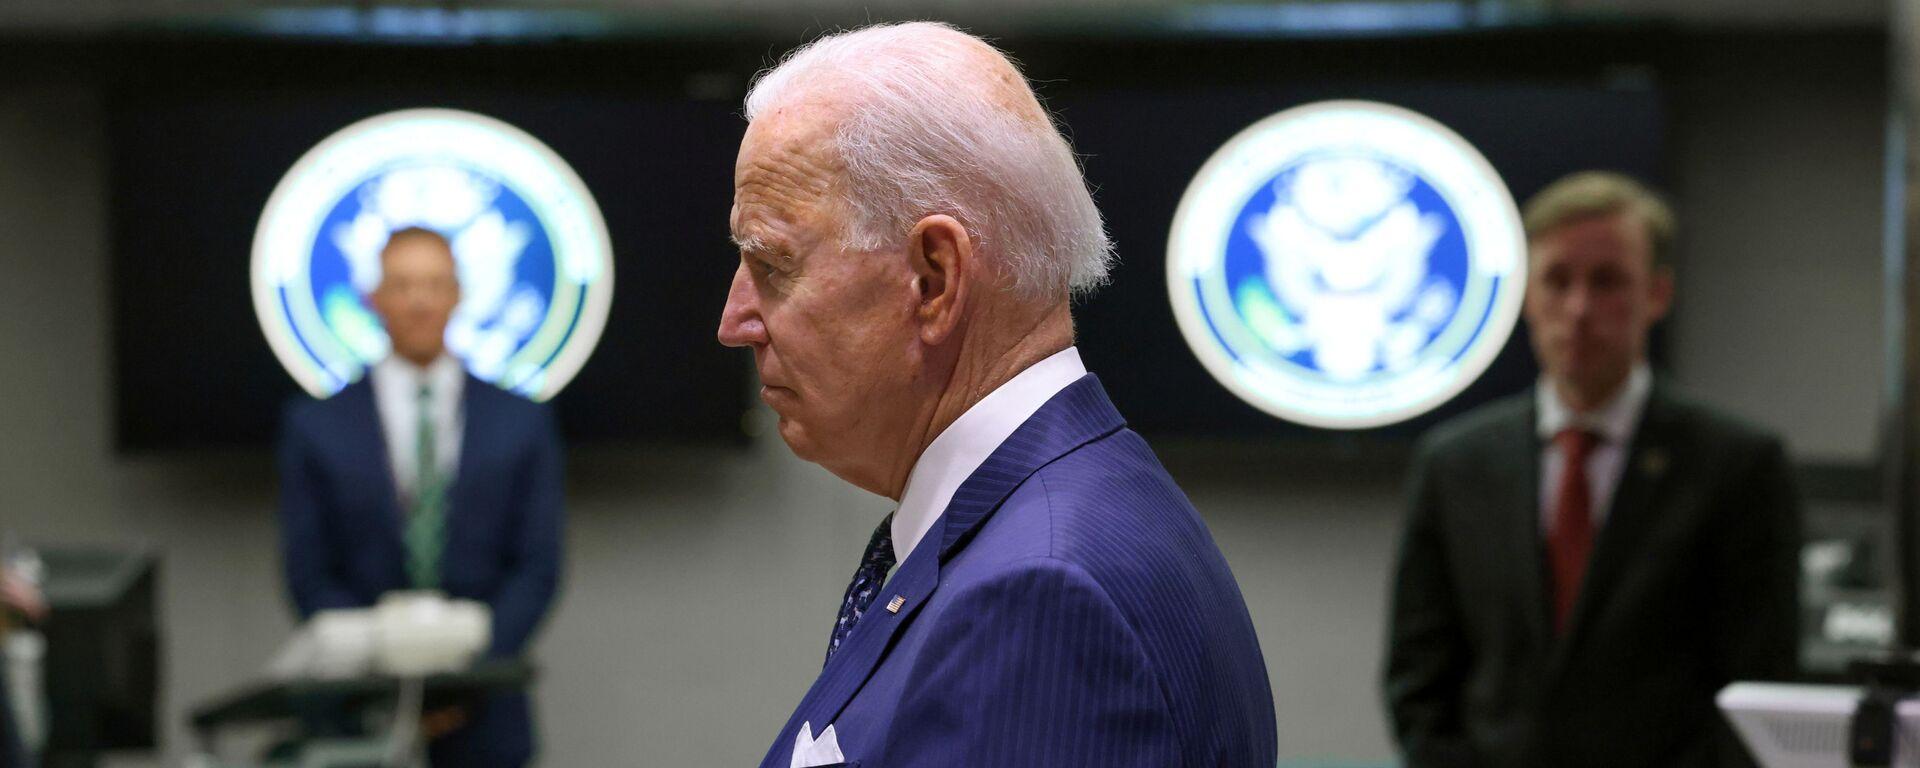 Tổng thống Hoa Kỳ Joe Biden thăm Tầng Giám sát Trung tâm Chống Khủng bố Quốc gia trong chuyến thăm Văn phòng Giám đốc Tình báo Quốc gia ở McLean, Virginia gần đó bên ngoài Washington, Hoa Kỳ, ngày 27 tháng 7 năm 2021 - Sputnik Việt Nam, 1920, 14.10.2021